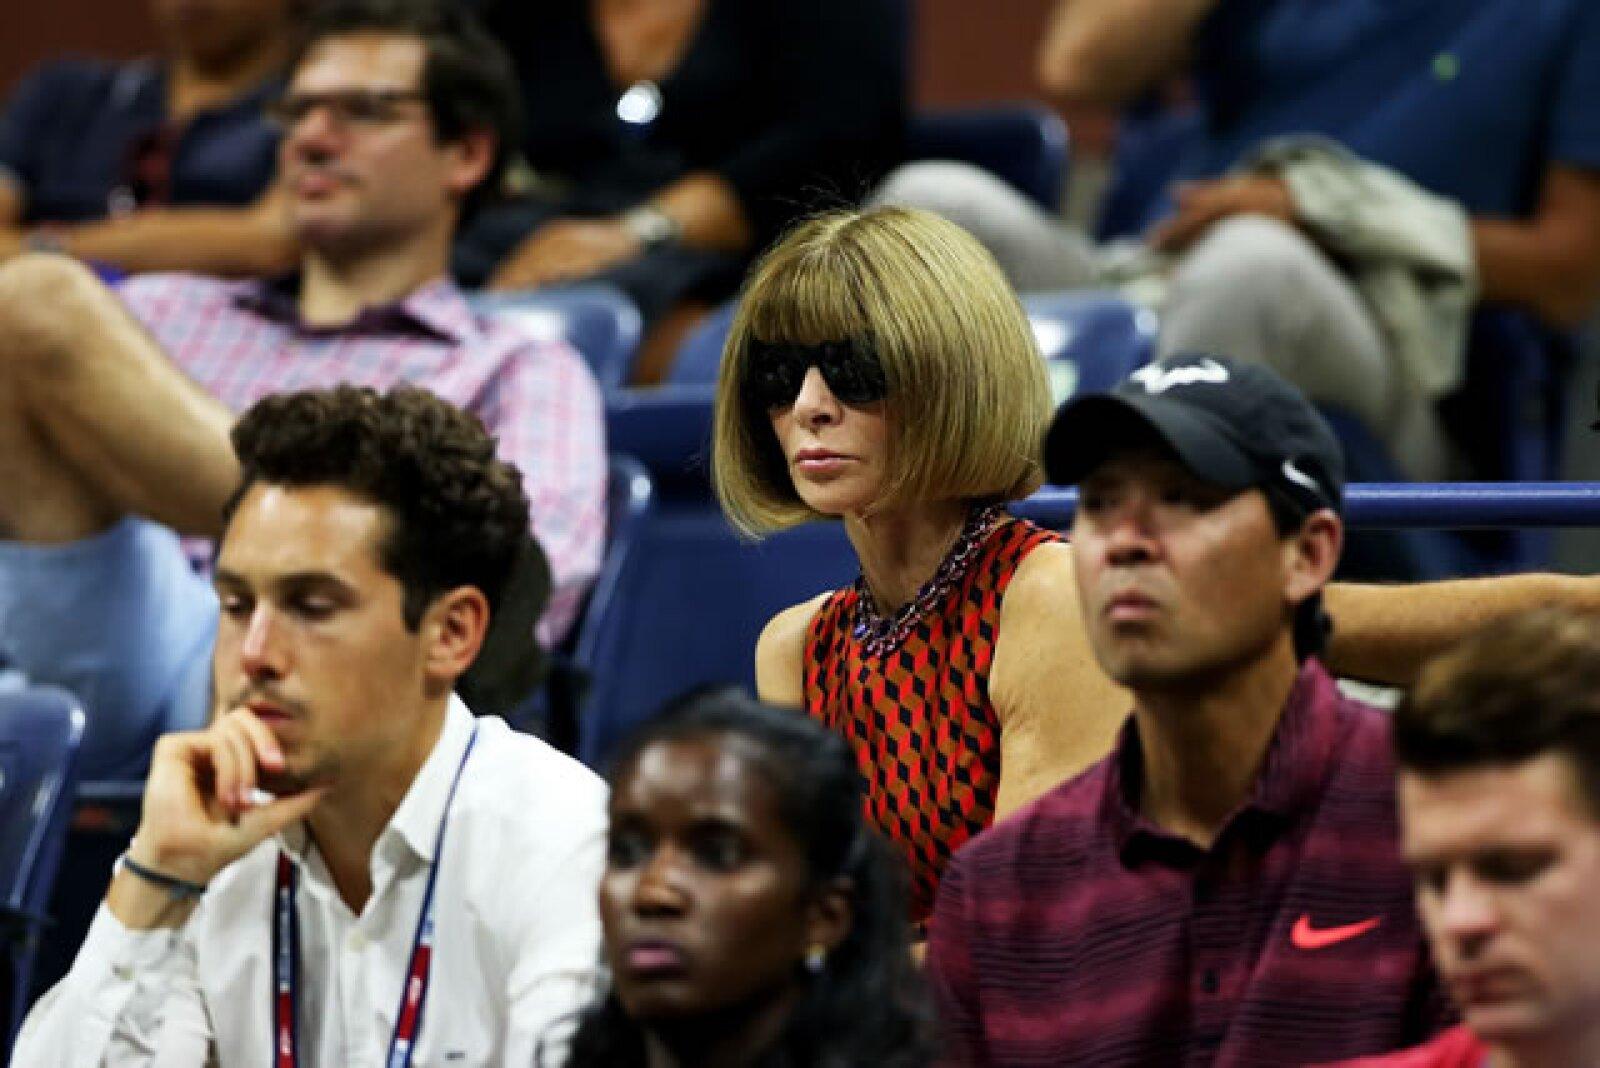 La editora de Vogue Anna Wintour no se perdió el torneo entre las hermanas Serena y Venus Williams.